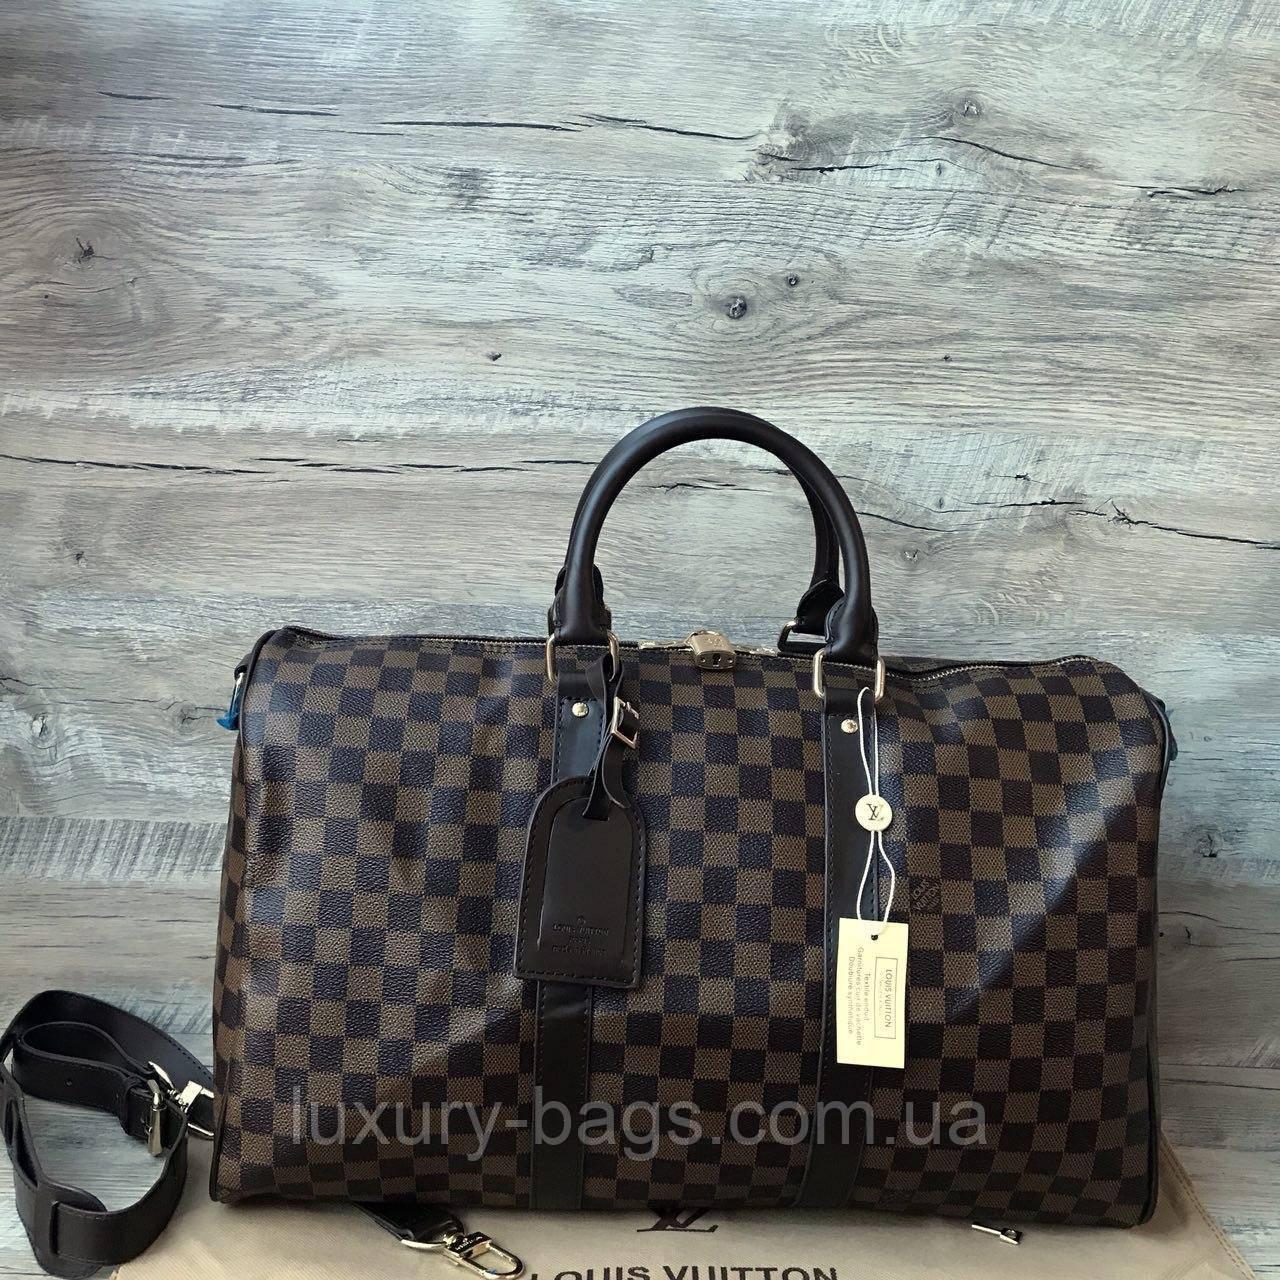 Дорожная спортивная сумка Louis Vuitton